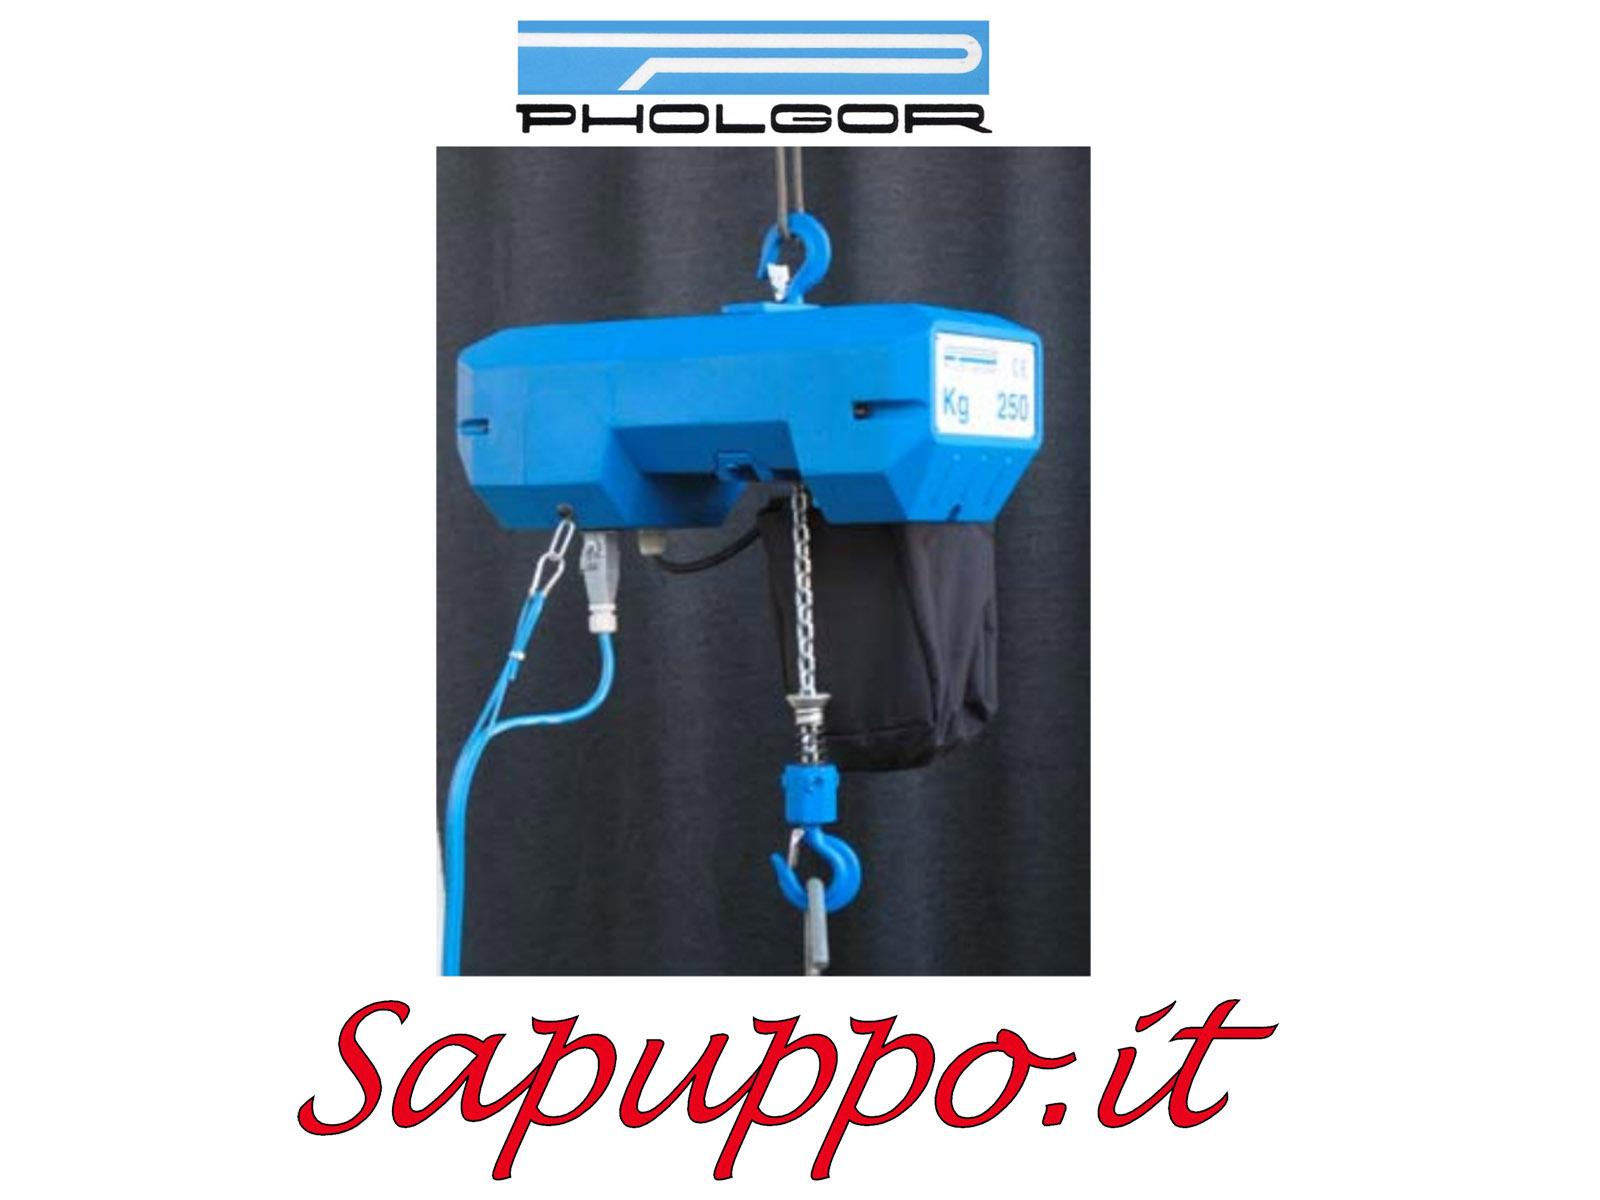 Paranco elettrico a catena a 1 velocità con carrello a traslazione meccanica - PHOLGOR